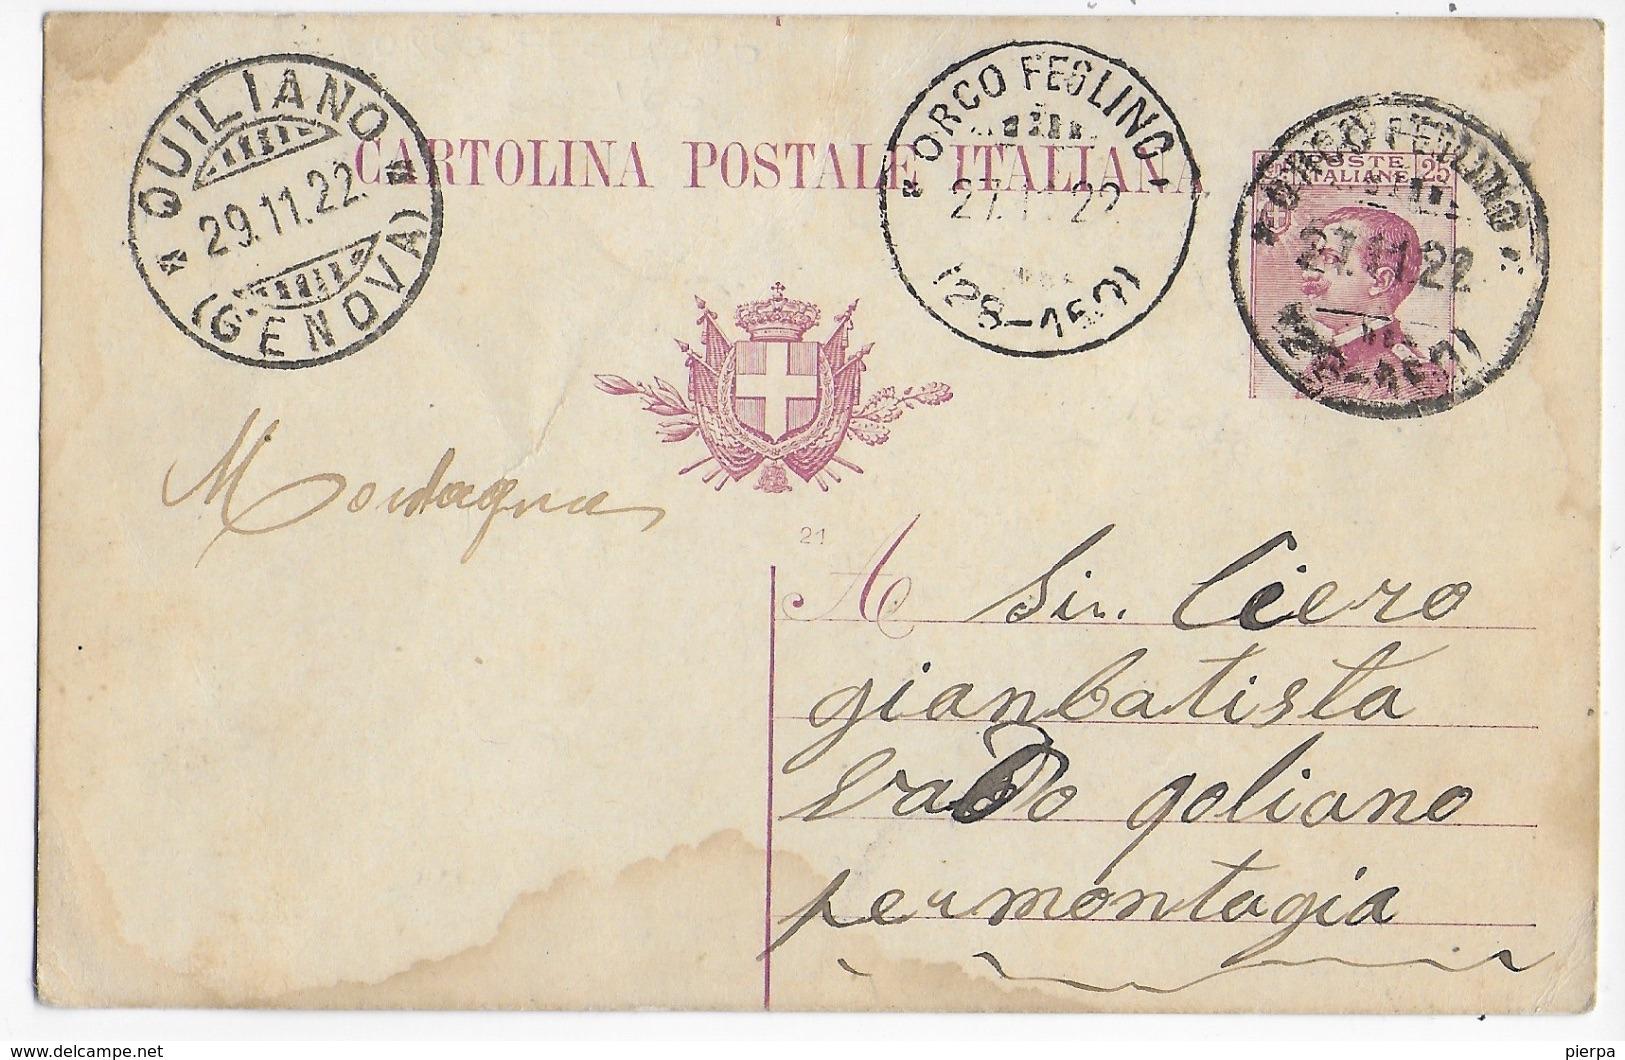 STORIA POSTALE REGNO - ANNULLO FRAZIONARIO ORCO FEGLINO (GE) 28-160 SU INTERO MICHETTI 27.11.1922 - 1900-44 Vittorio Emanuele III